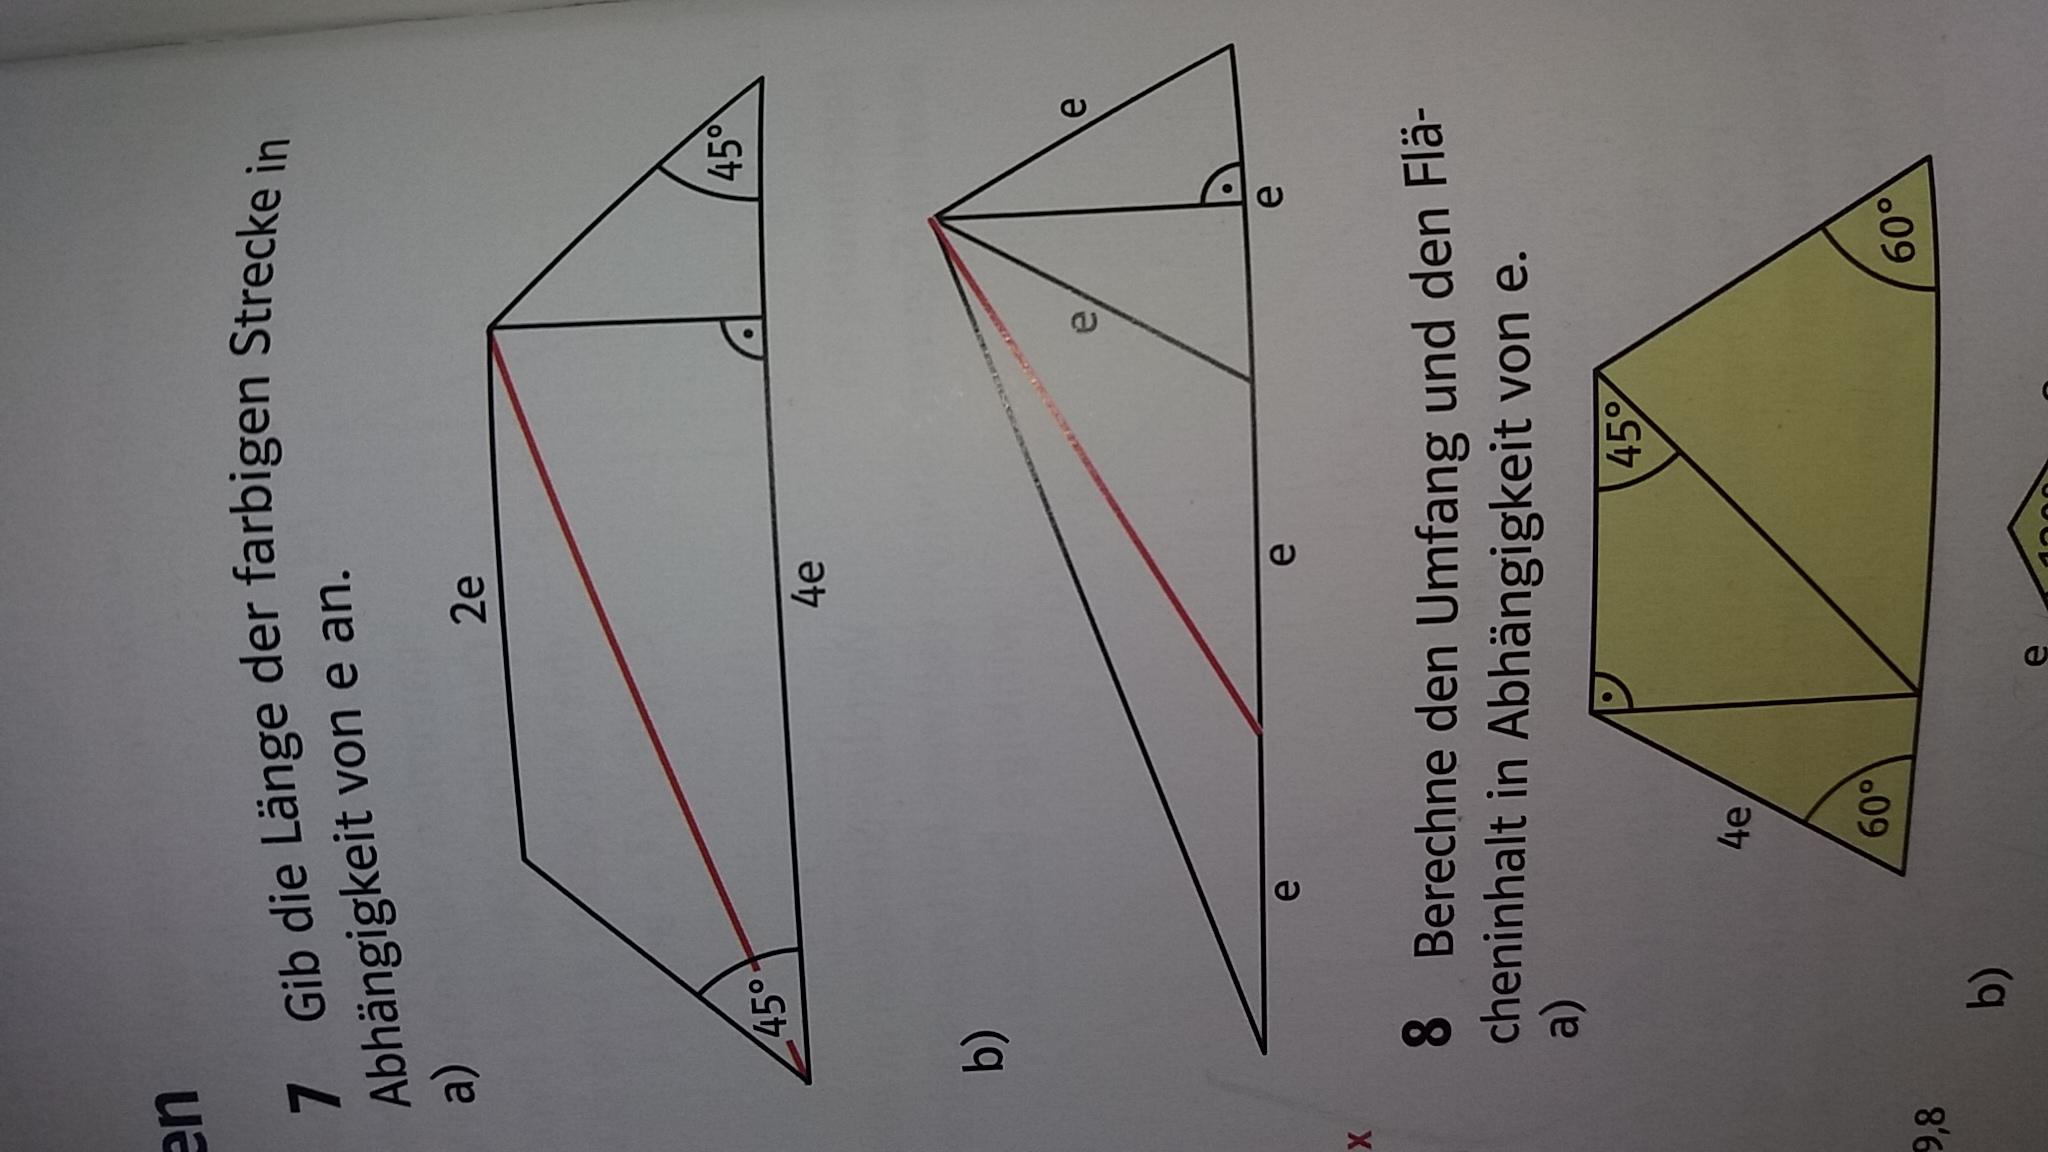 satz des pythagoras wie gehen die beiden aufgaben schule mathe lernen. Black Bedroom Furniture Sets. Home Design Ideas